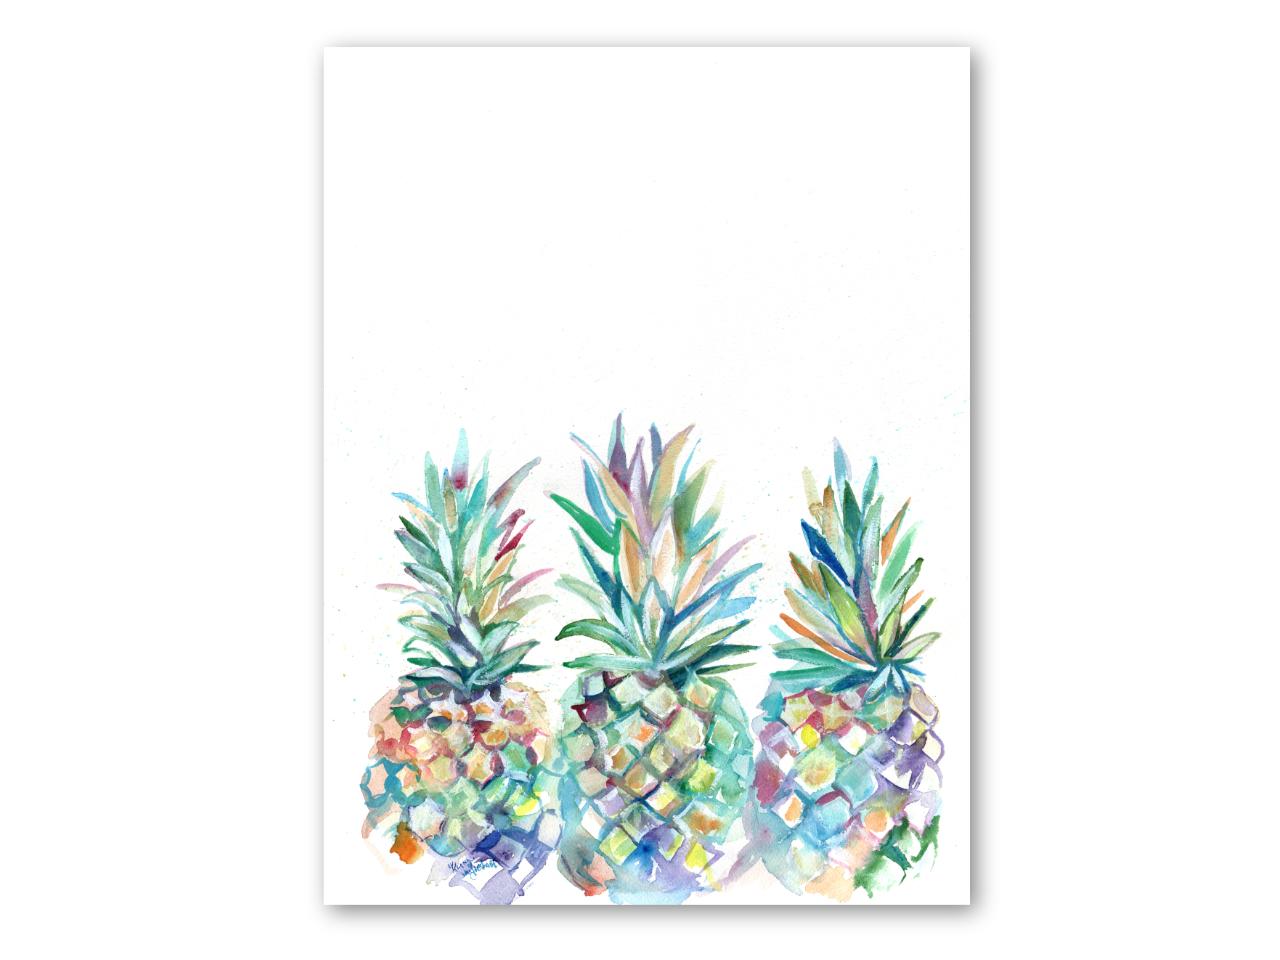 pineapples-art-2